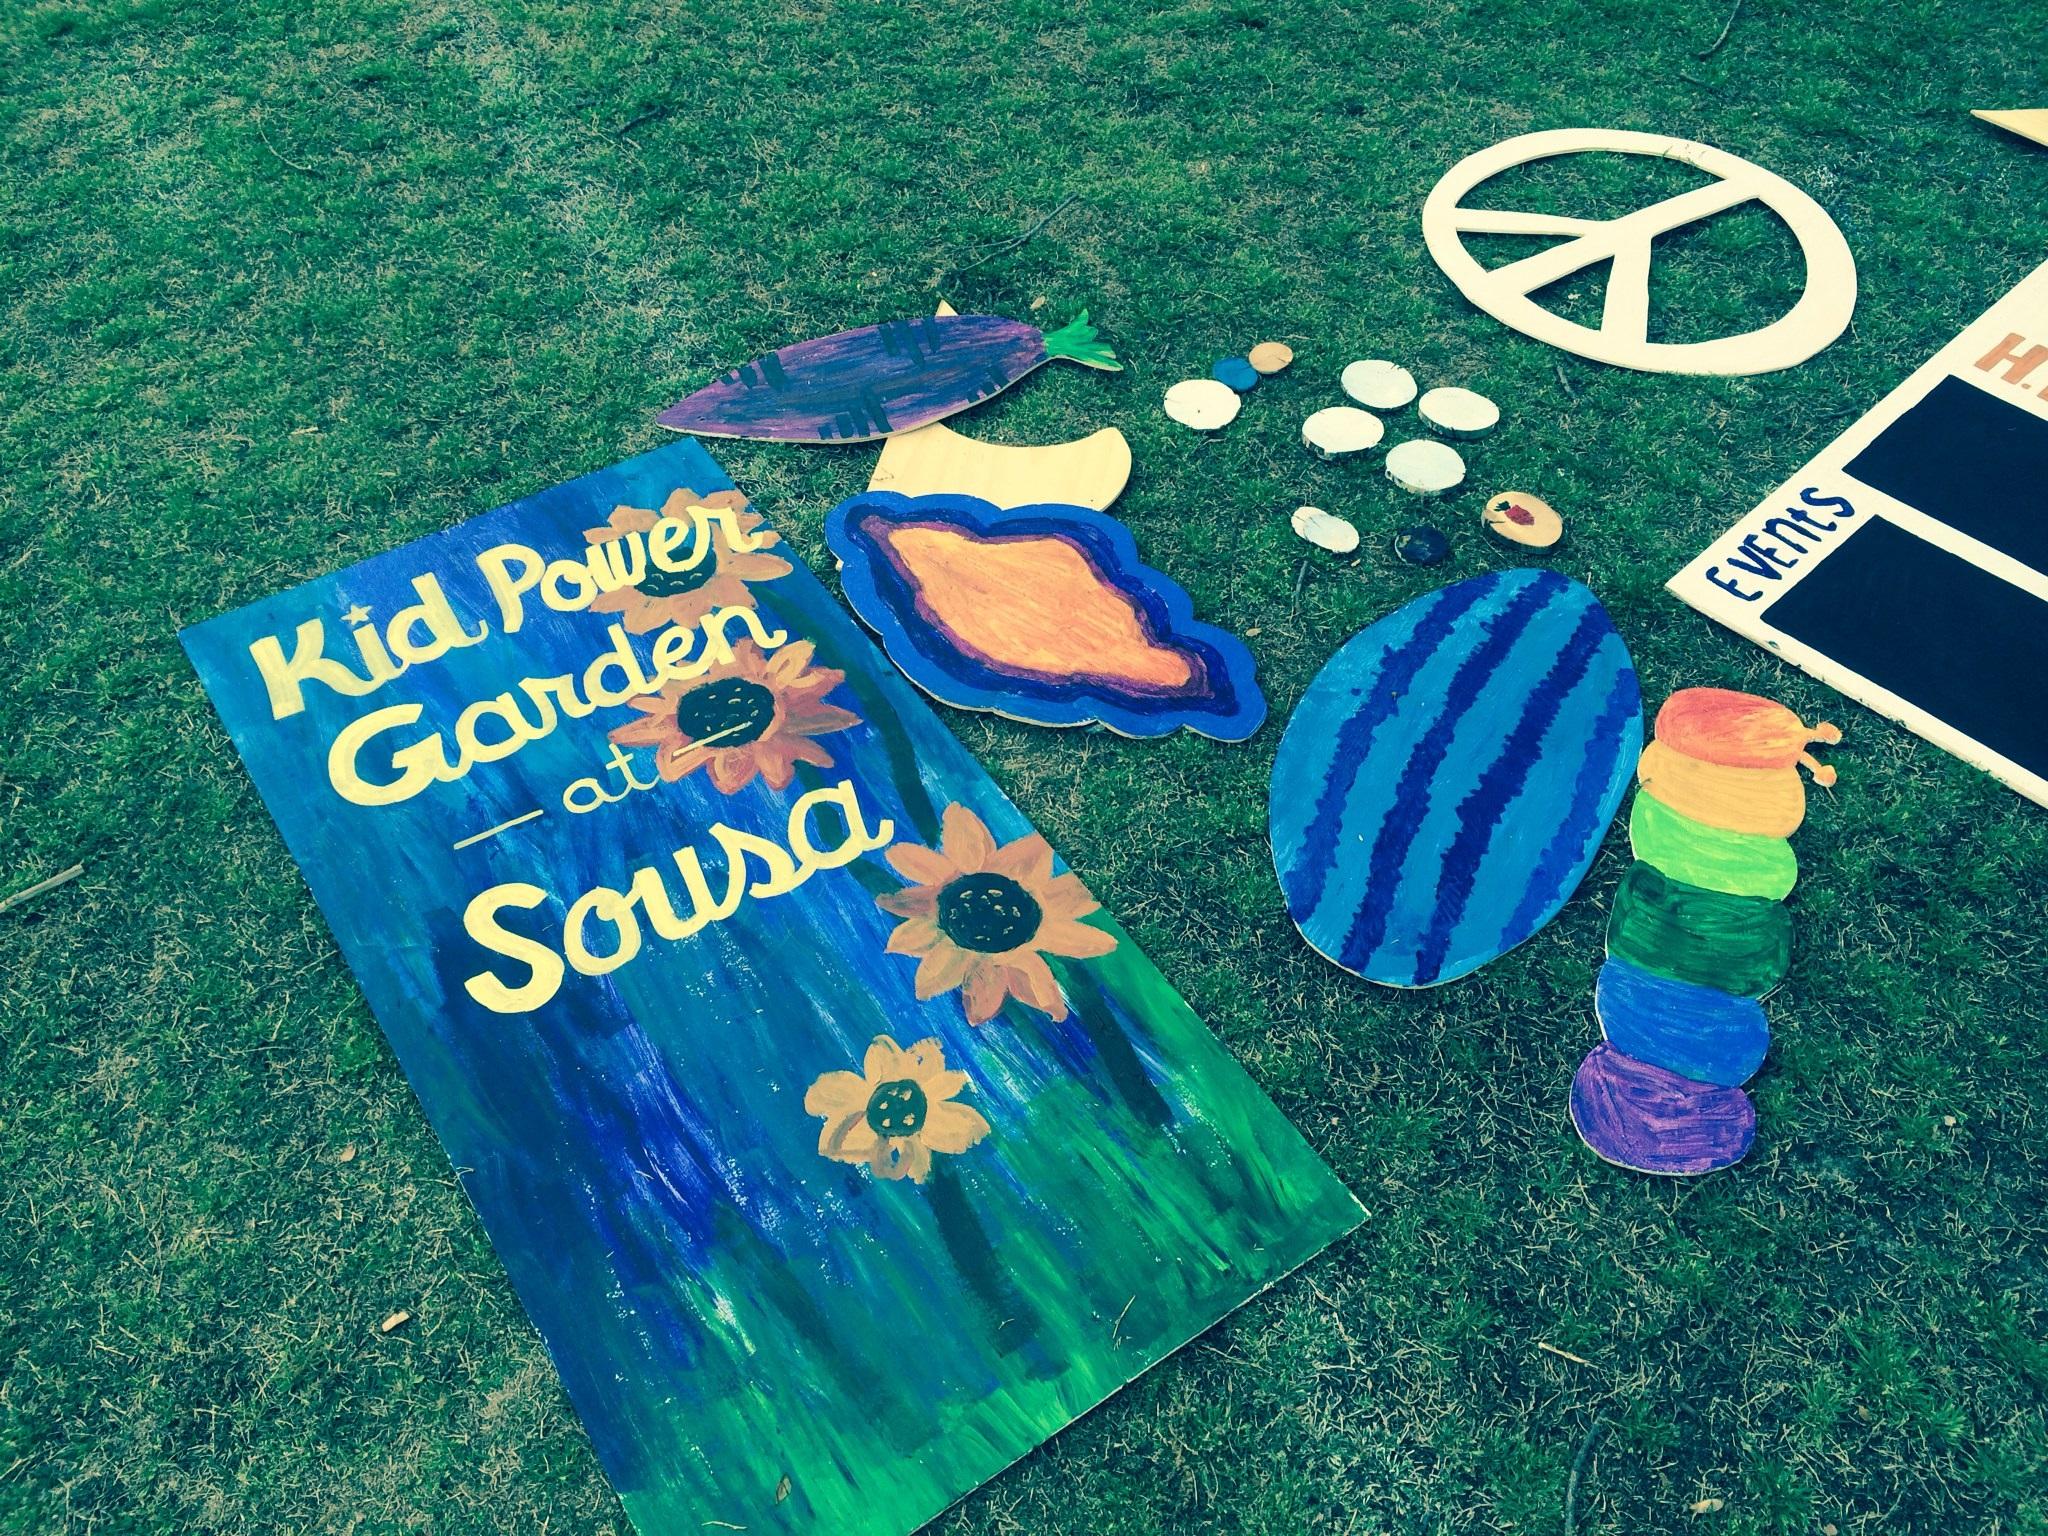 Sousa_Garden_Sign.jpg